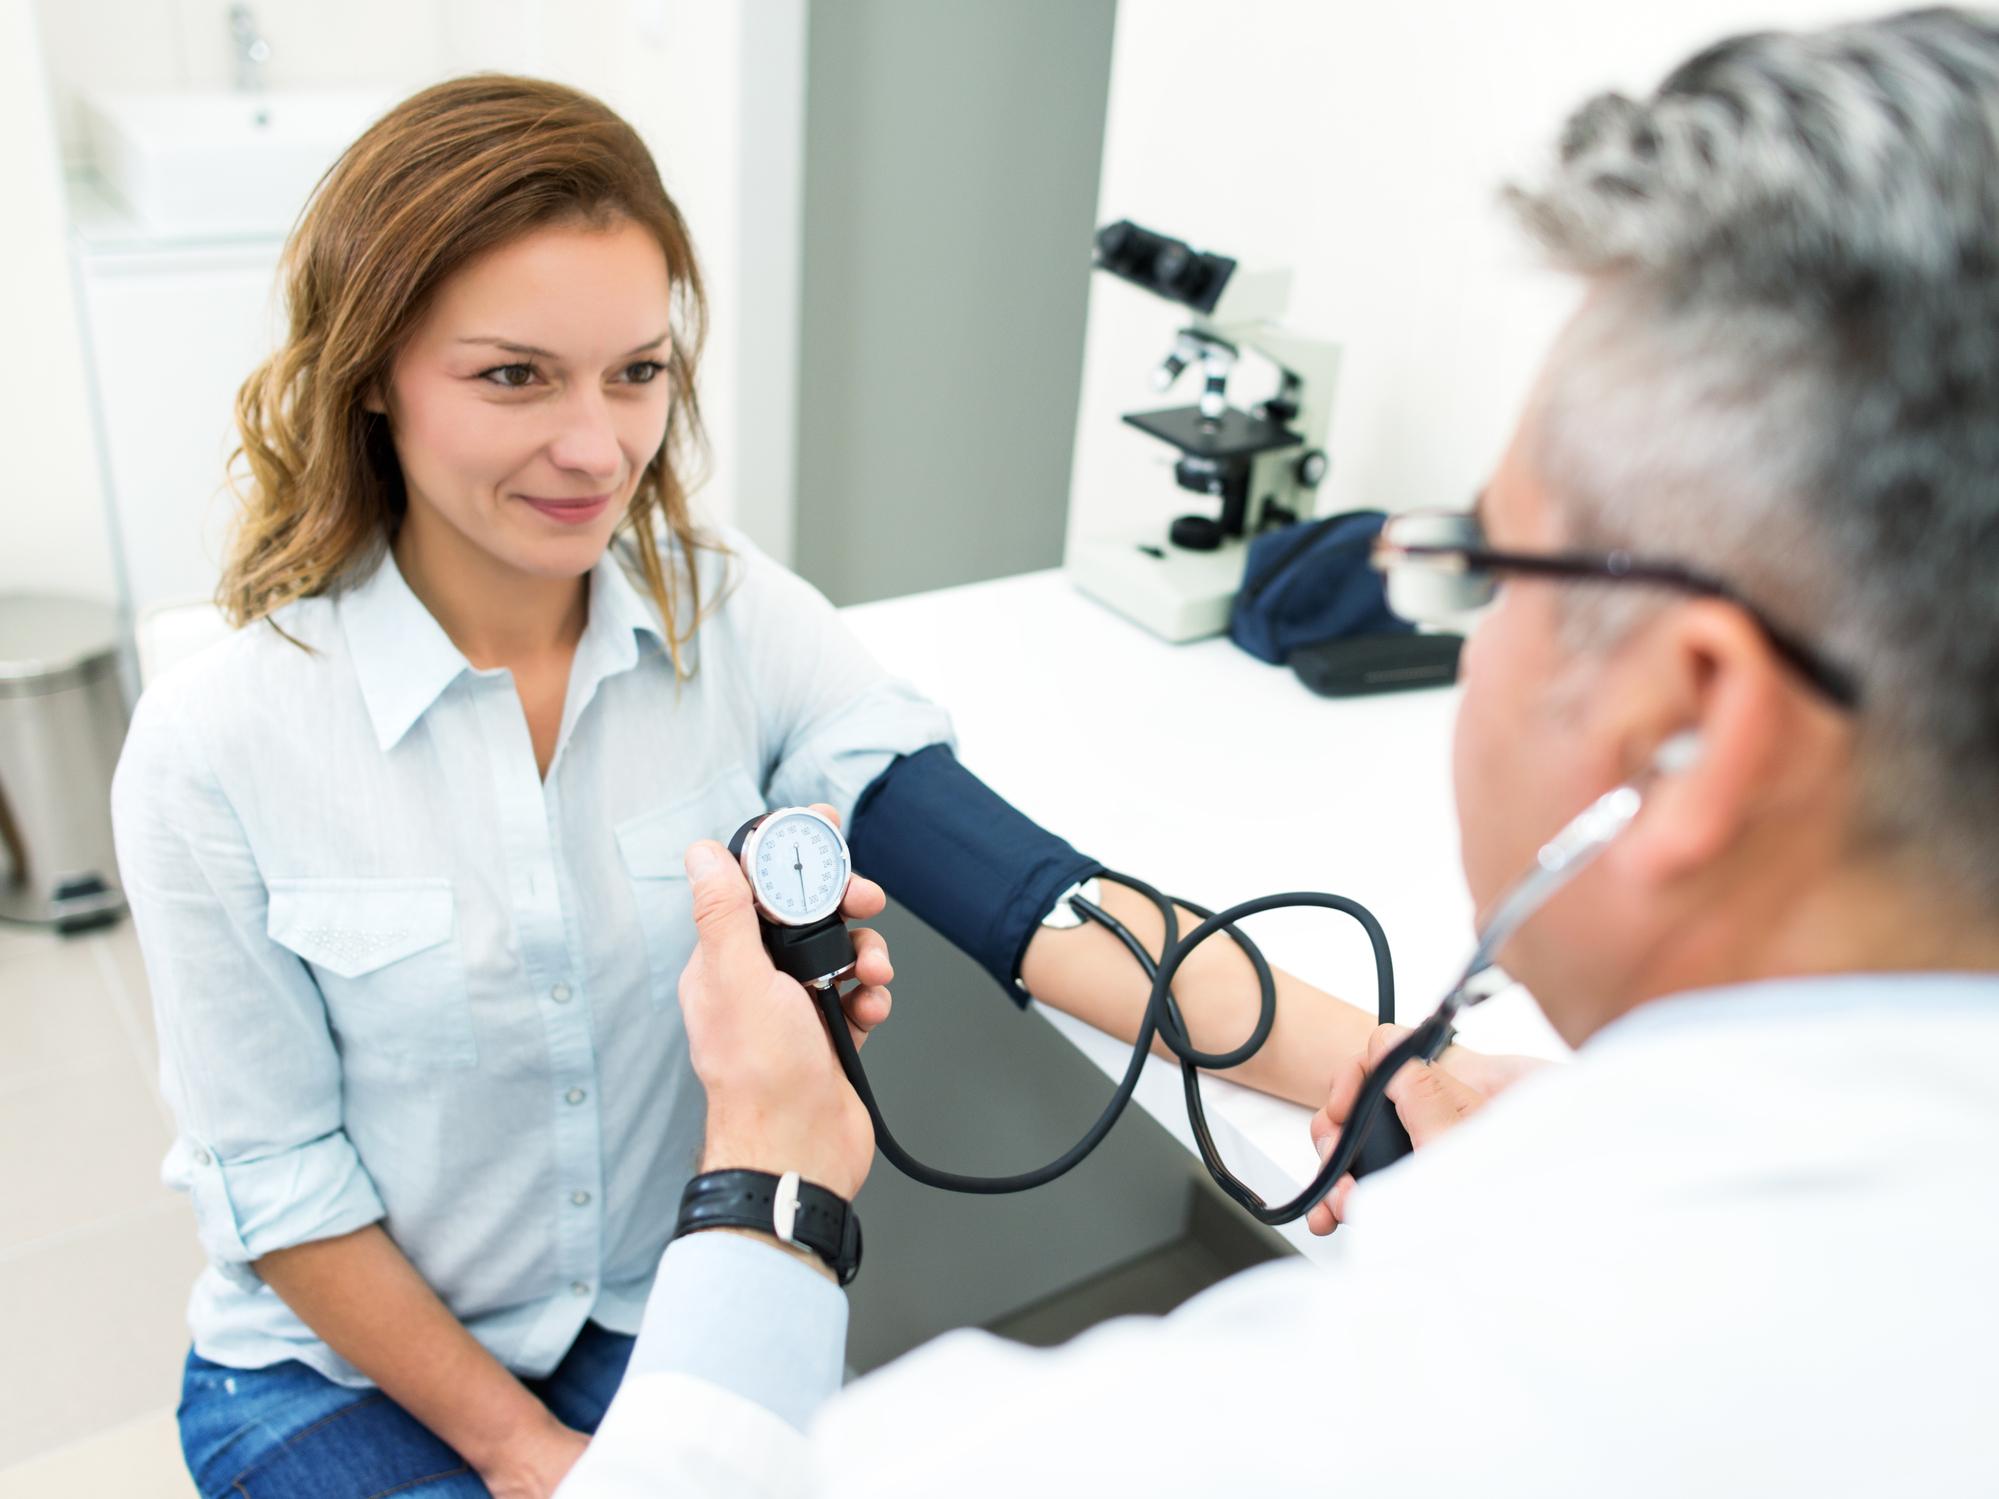 orrvérzést okozhat magas vérnyomásban szenvedő felnőtteknél hidromasszázs és magas vérnyomás